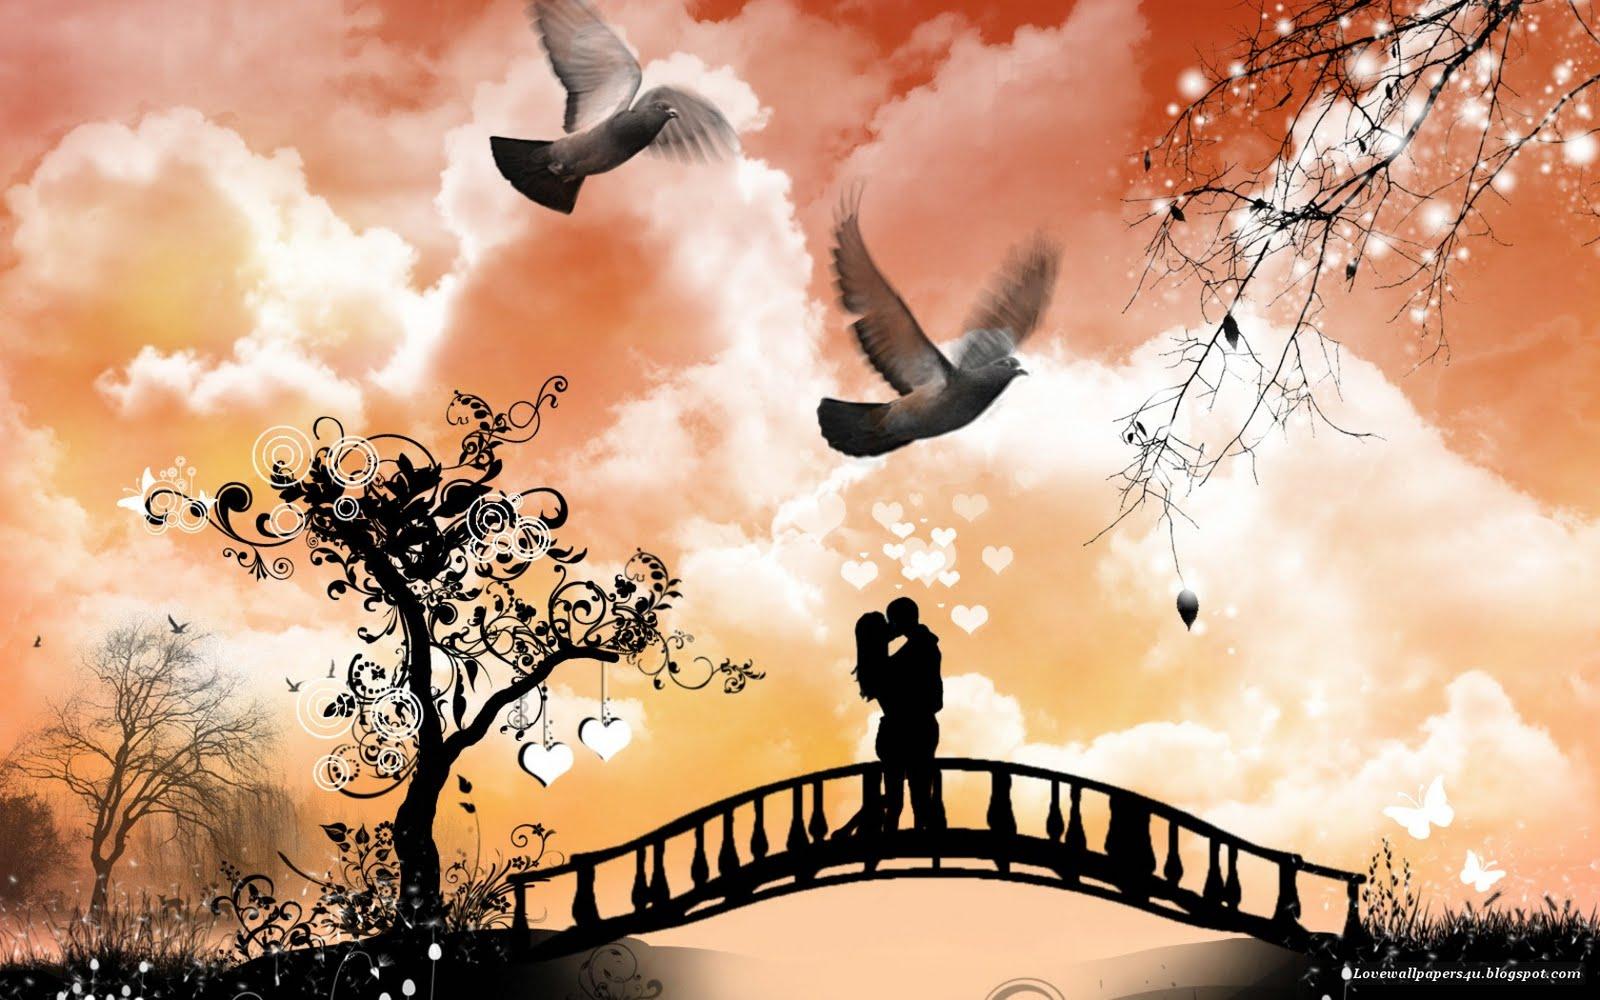 900+ New Romantic Wallpaper Free Download Terbaru